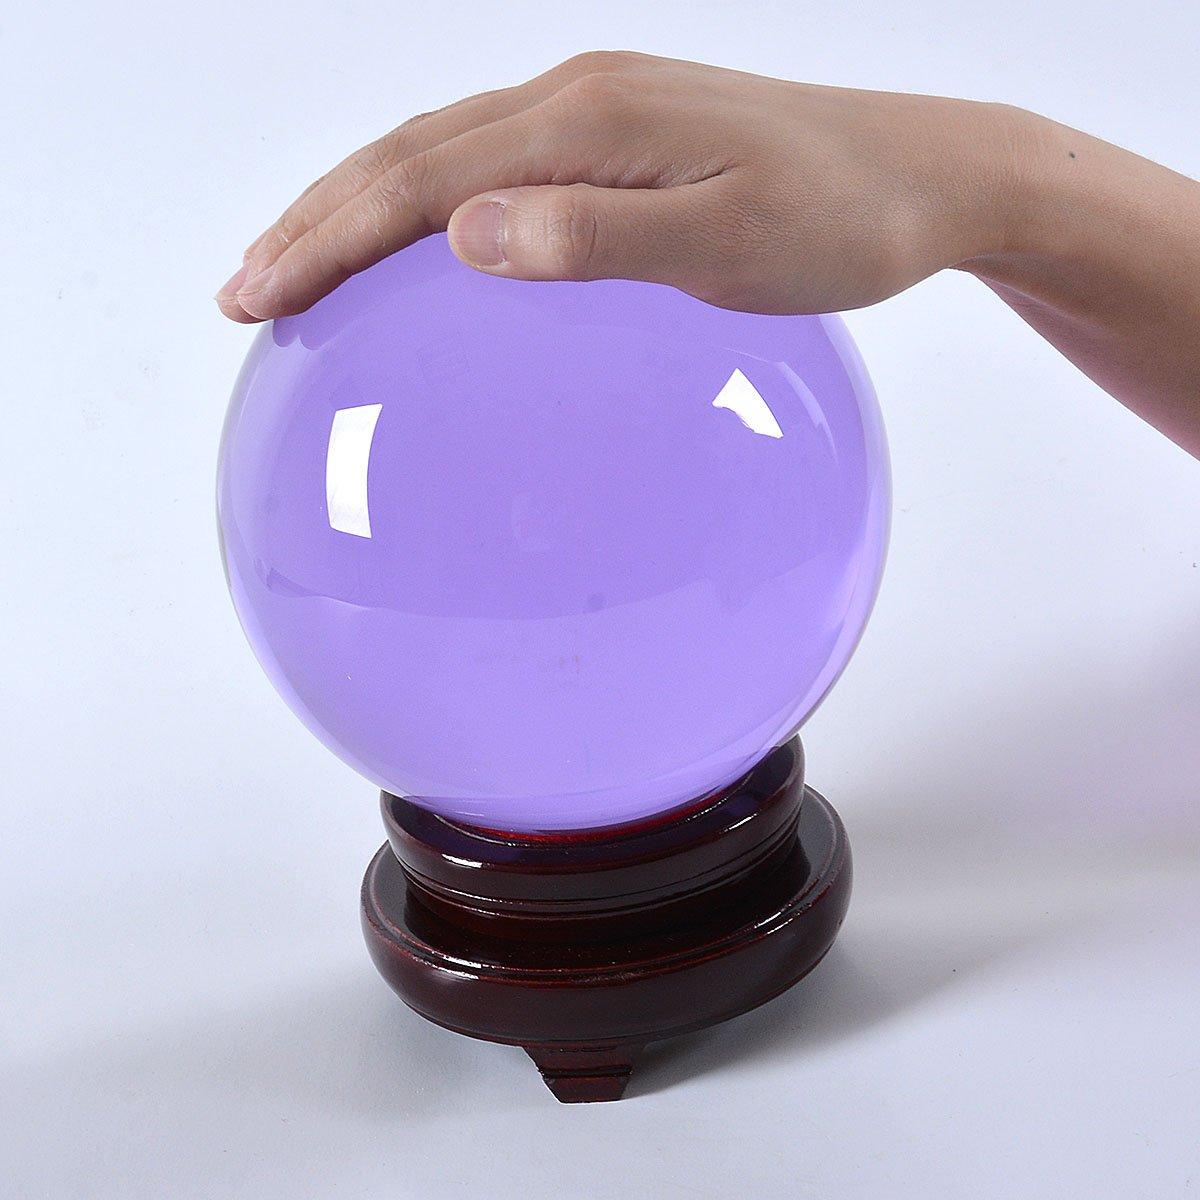 多色透明 水晶玉 150mm クリスタルボール 装飾品 【木製台ギフトボックス】 (紫色) B01N4DFRKQ 紫色 紫色